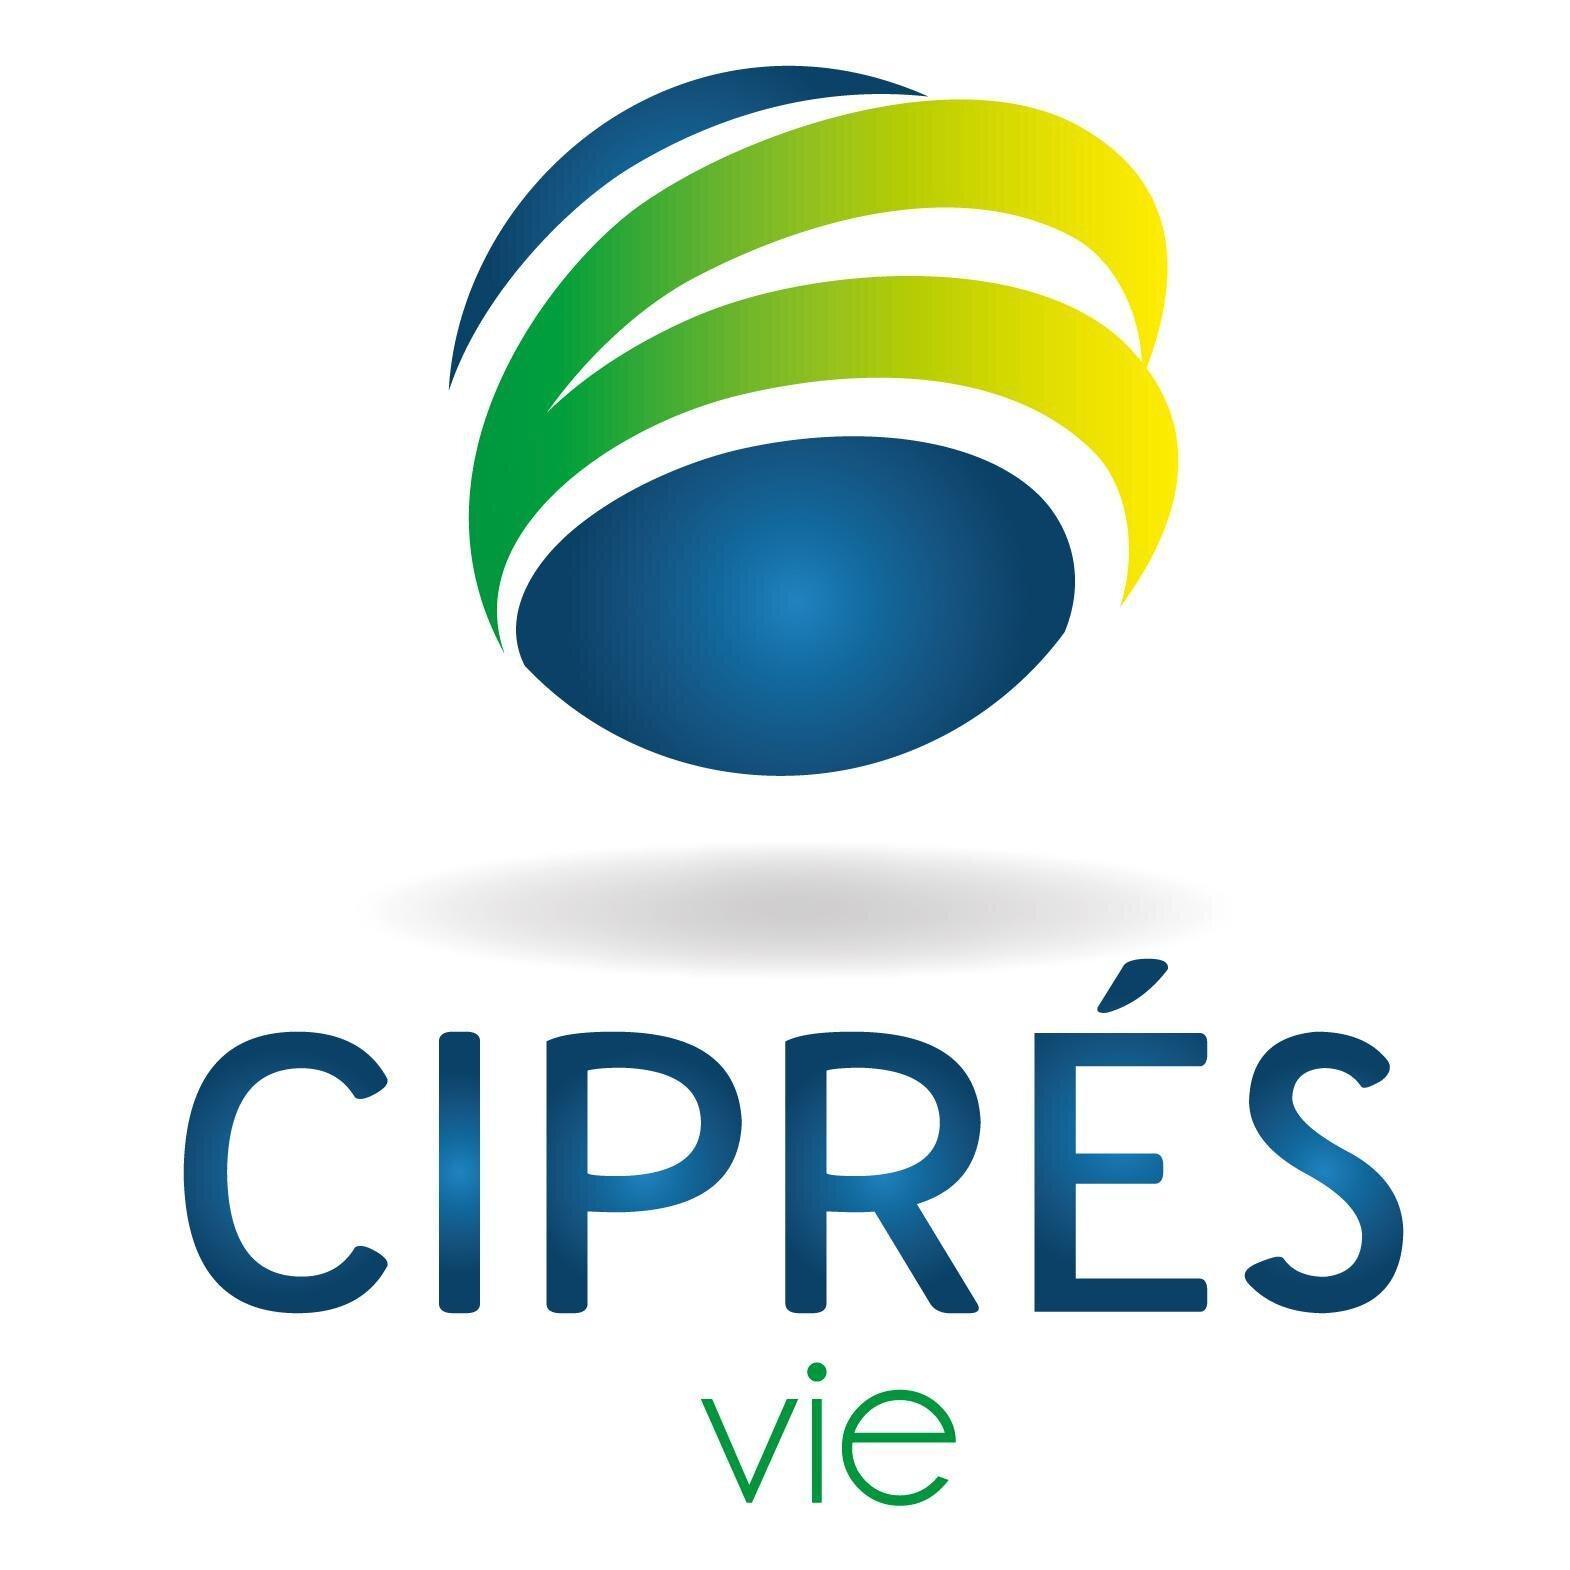 CIPRES VIE